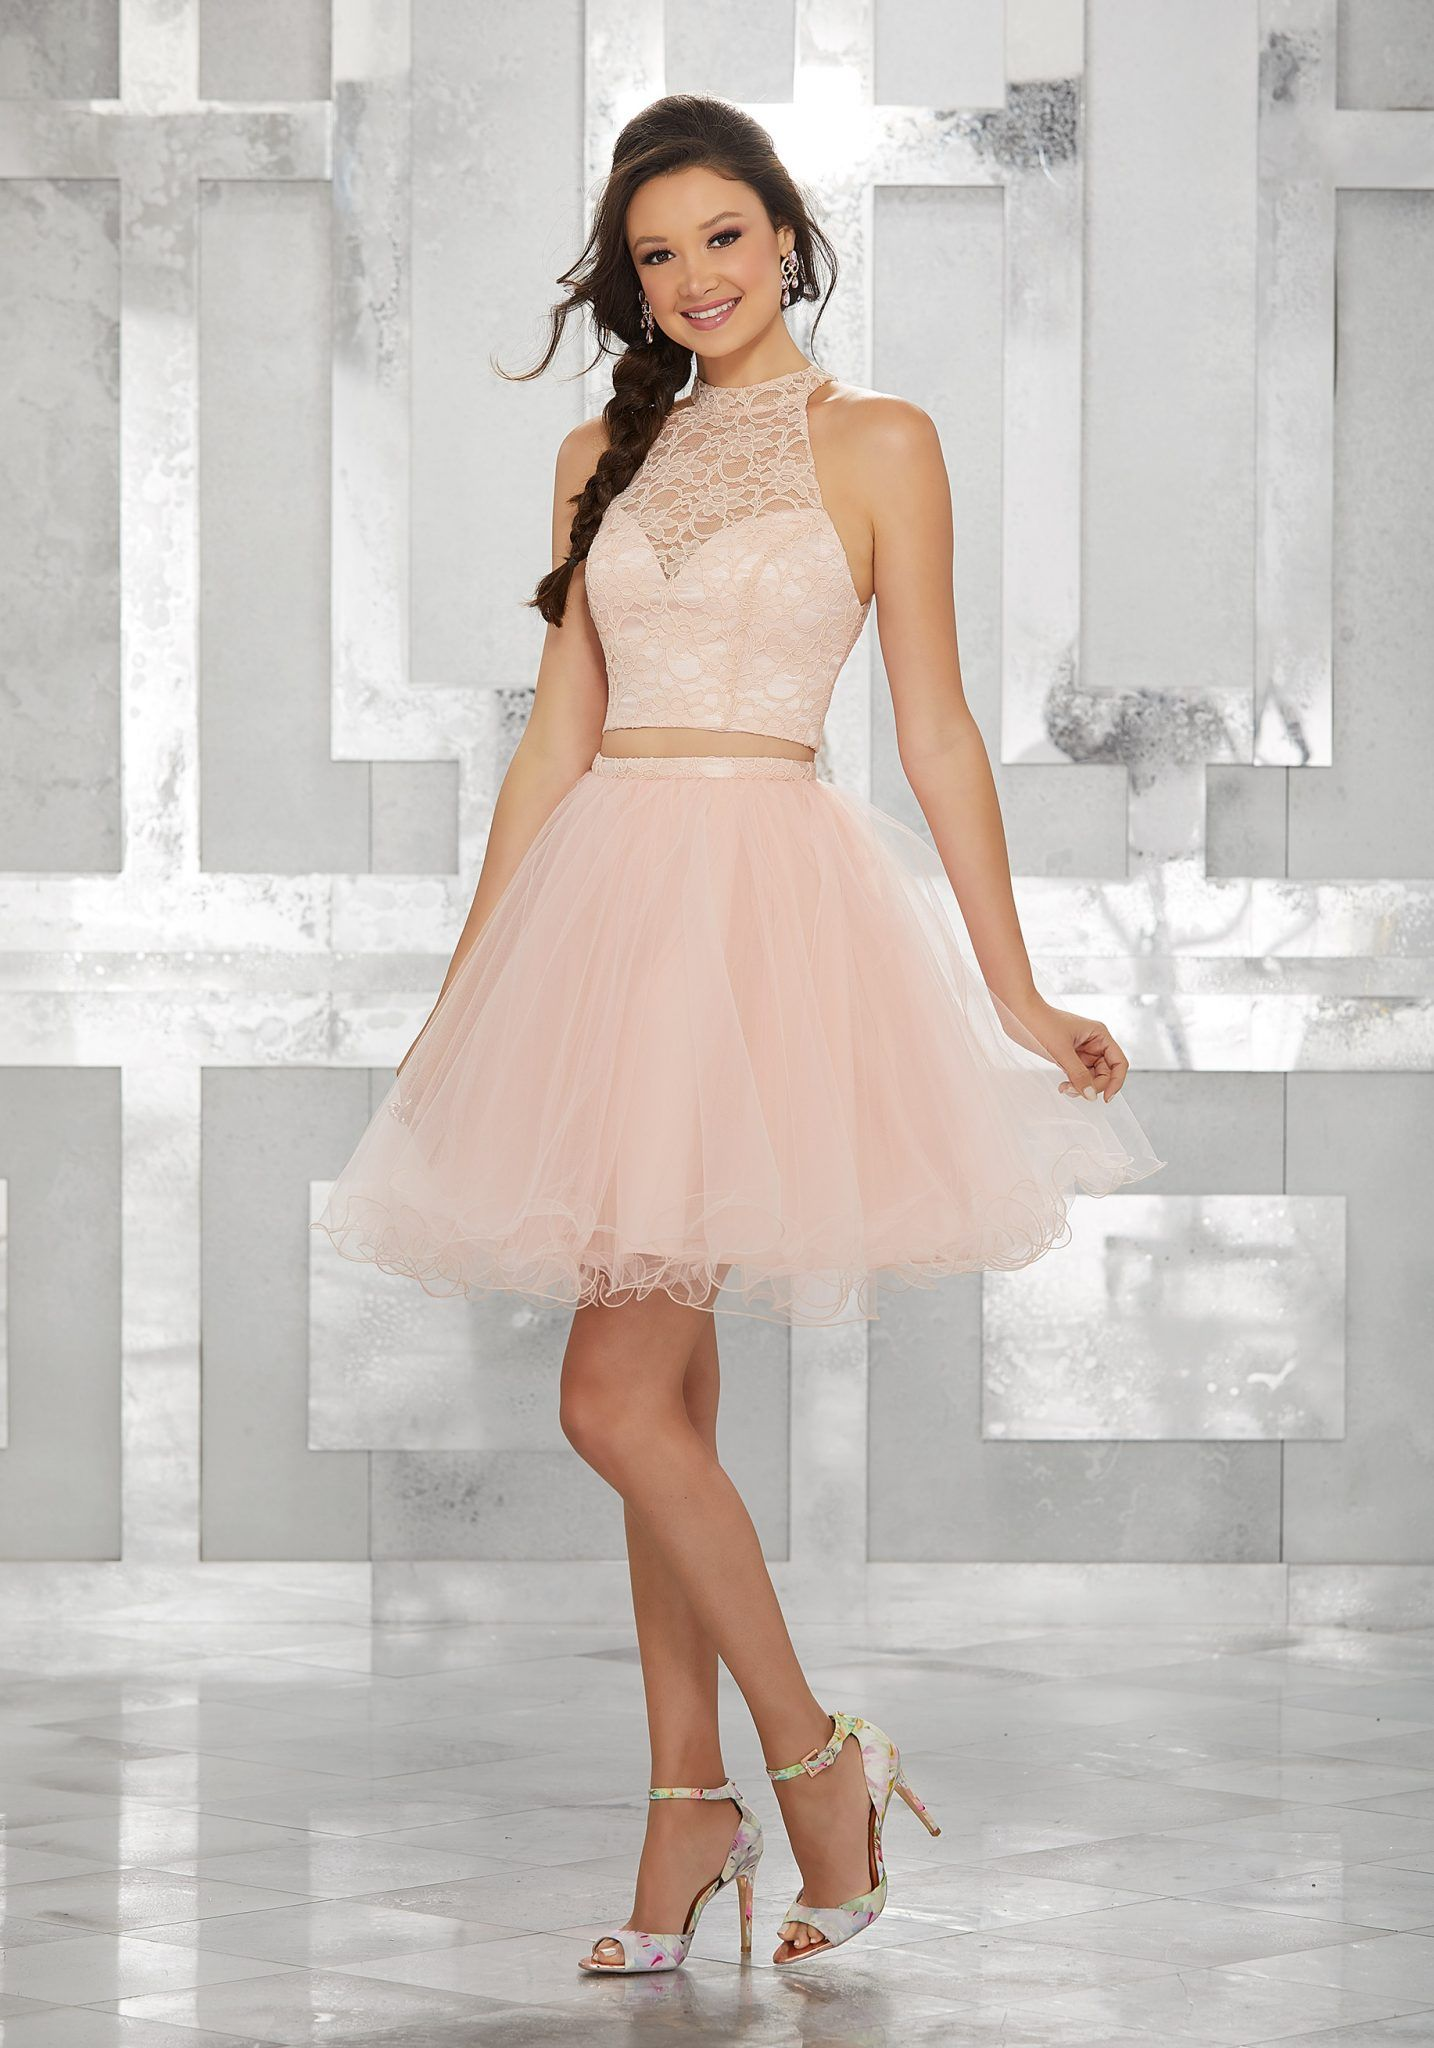 2020 Klos Abiye Elbise Kisa Gece Elbiseleri Pudra Halter Yaka Tul Etek Iki Parca The Dress Mezunlar Gecesi Elbiseleri On Bes Yas Partisi Elbiseleri